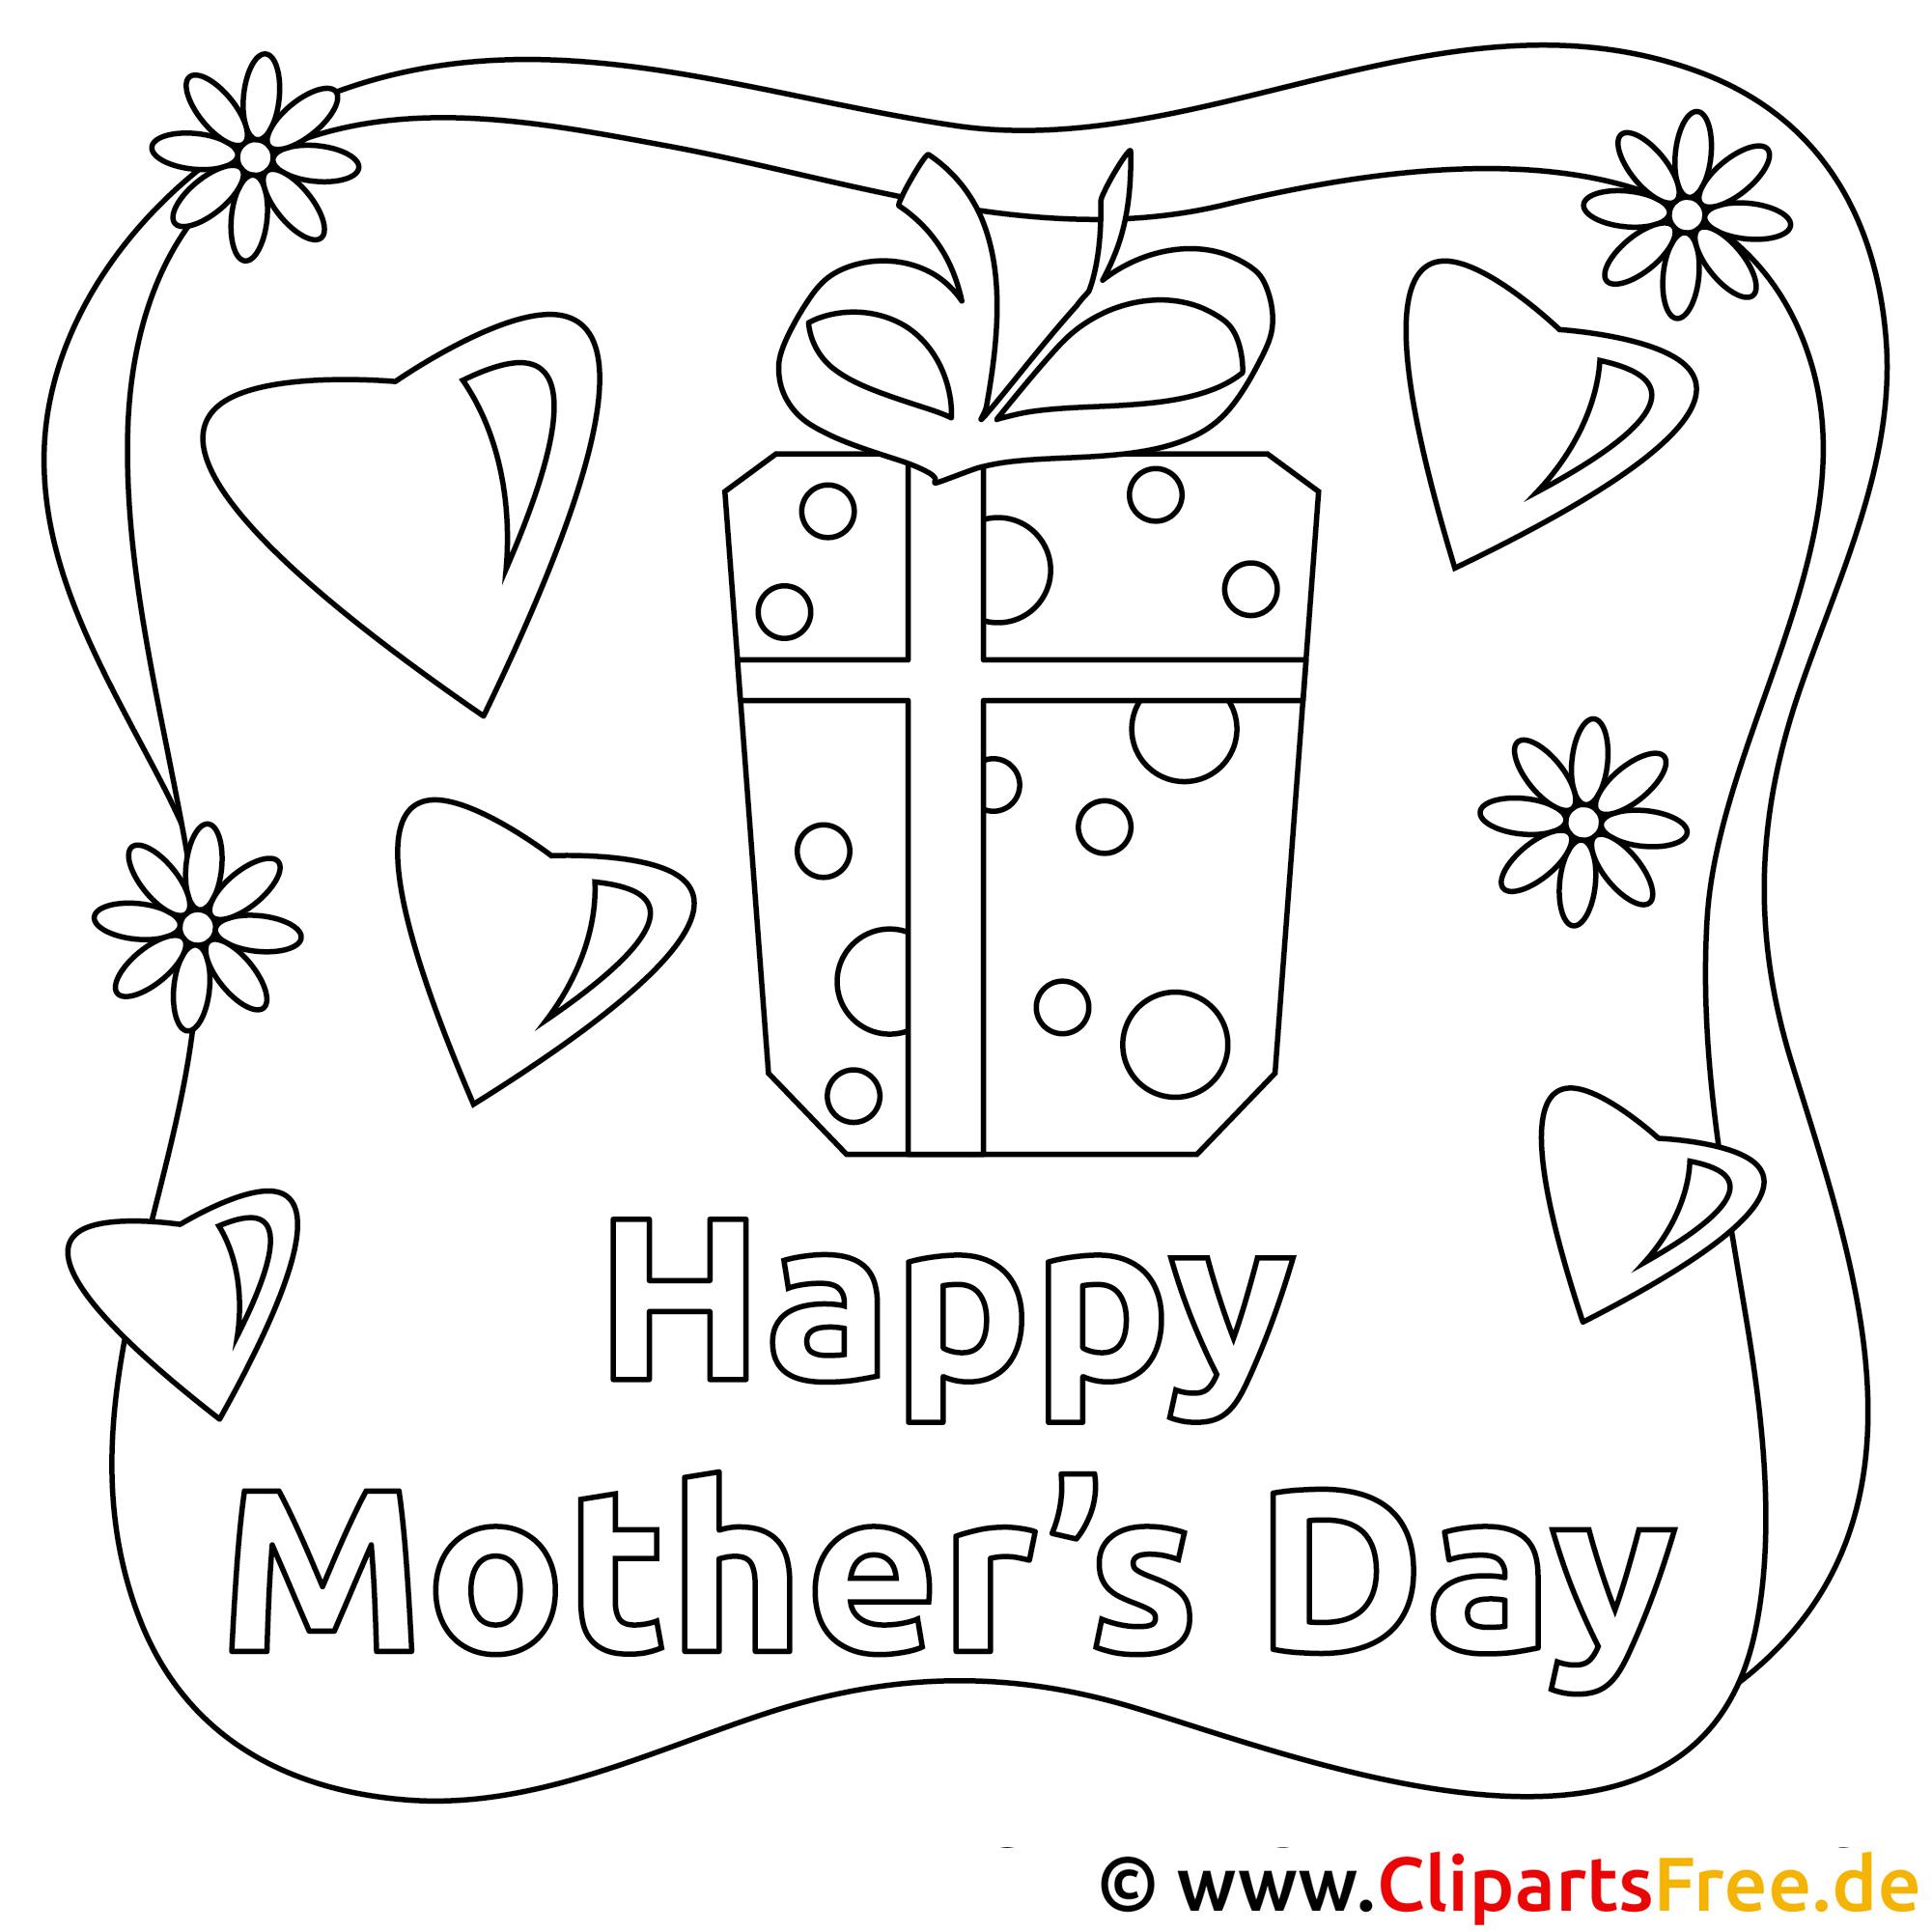 Geschenke zum Muttertag gratis Ausmalbild